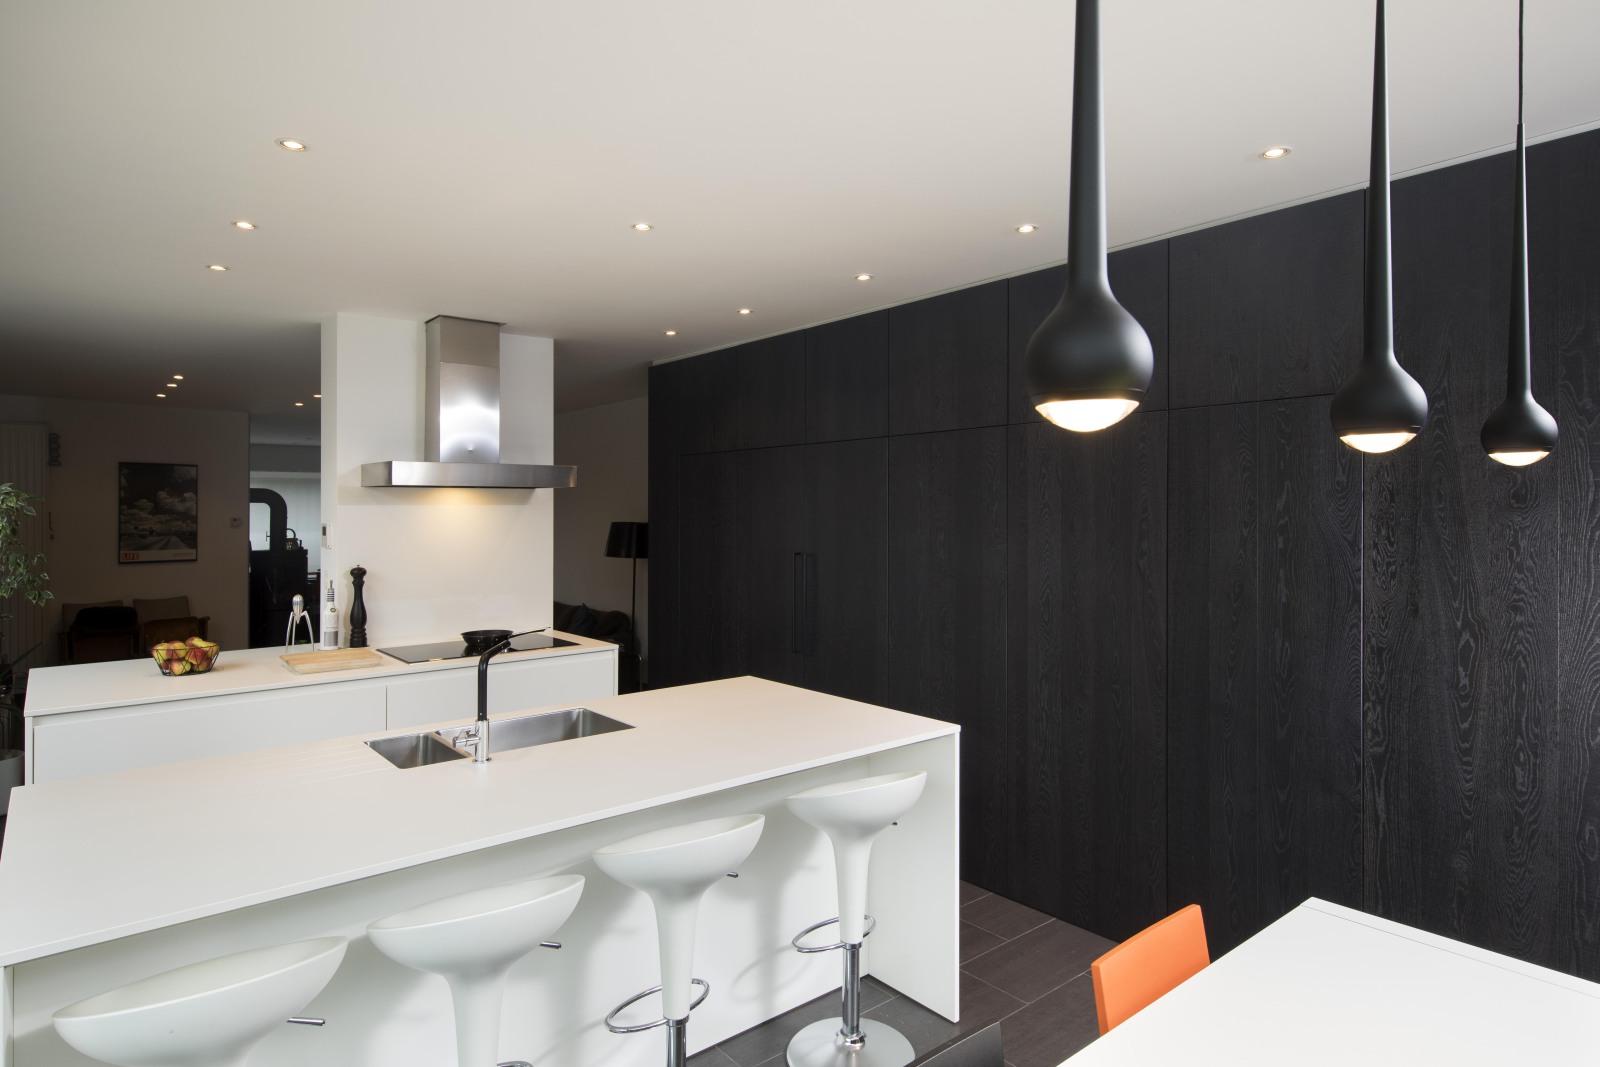 Design Keuken Gent : Keuken durocub